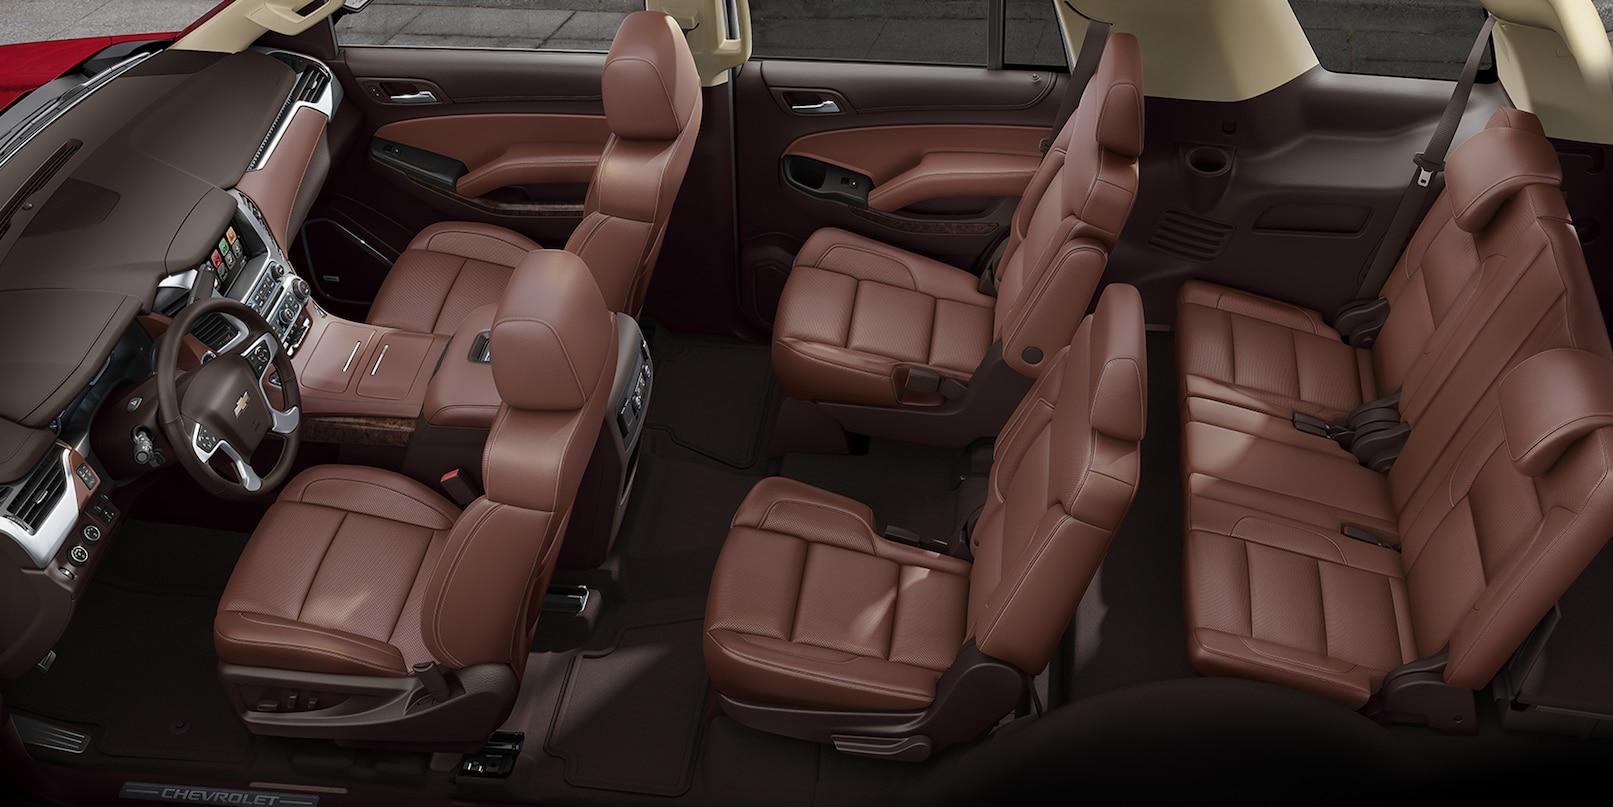 Con los asientos tipo butaca en la segunda fila le sumas mucha sofisticacion a la cabina.